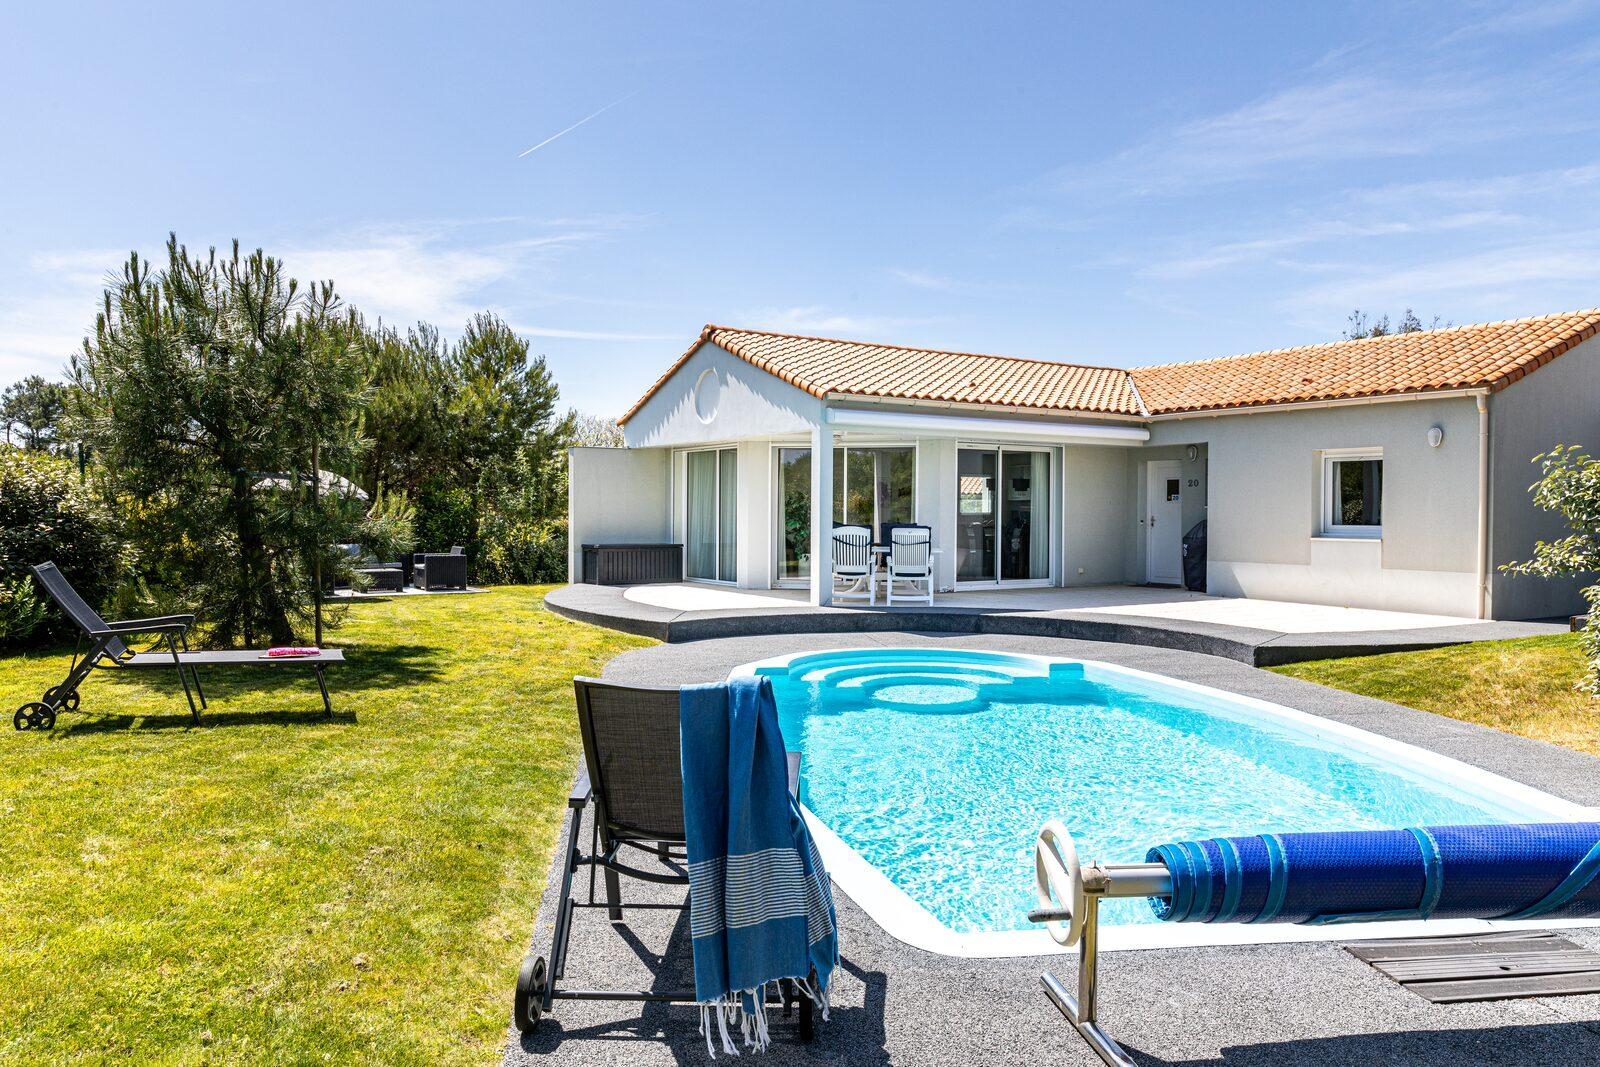 offres évasion - maison individuelle avec piscine privée